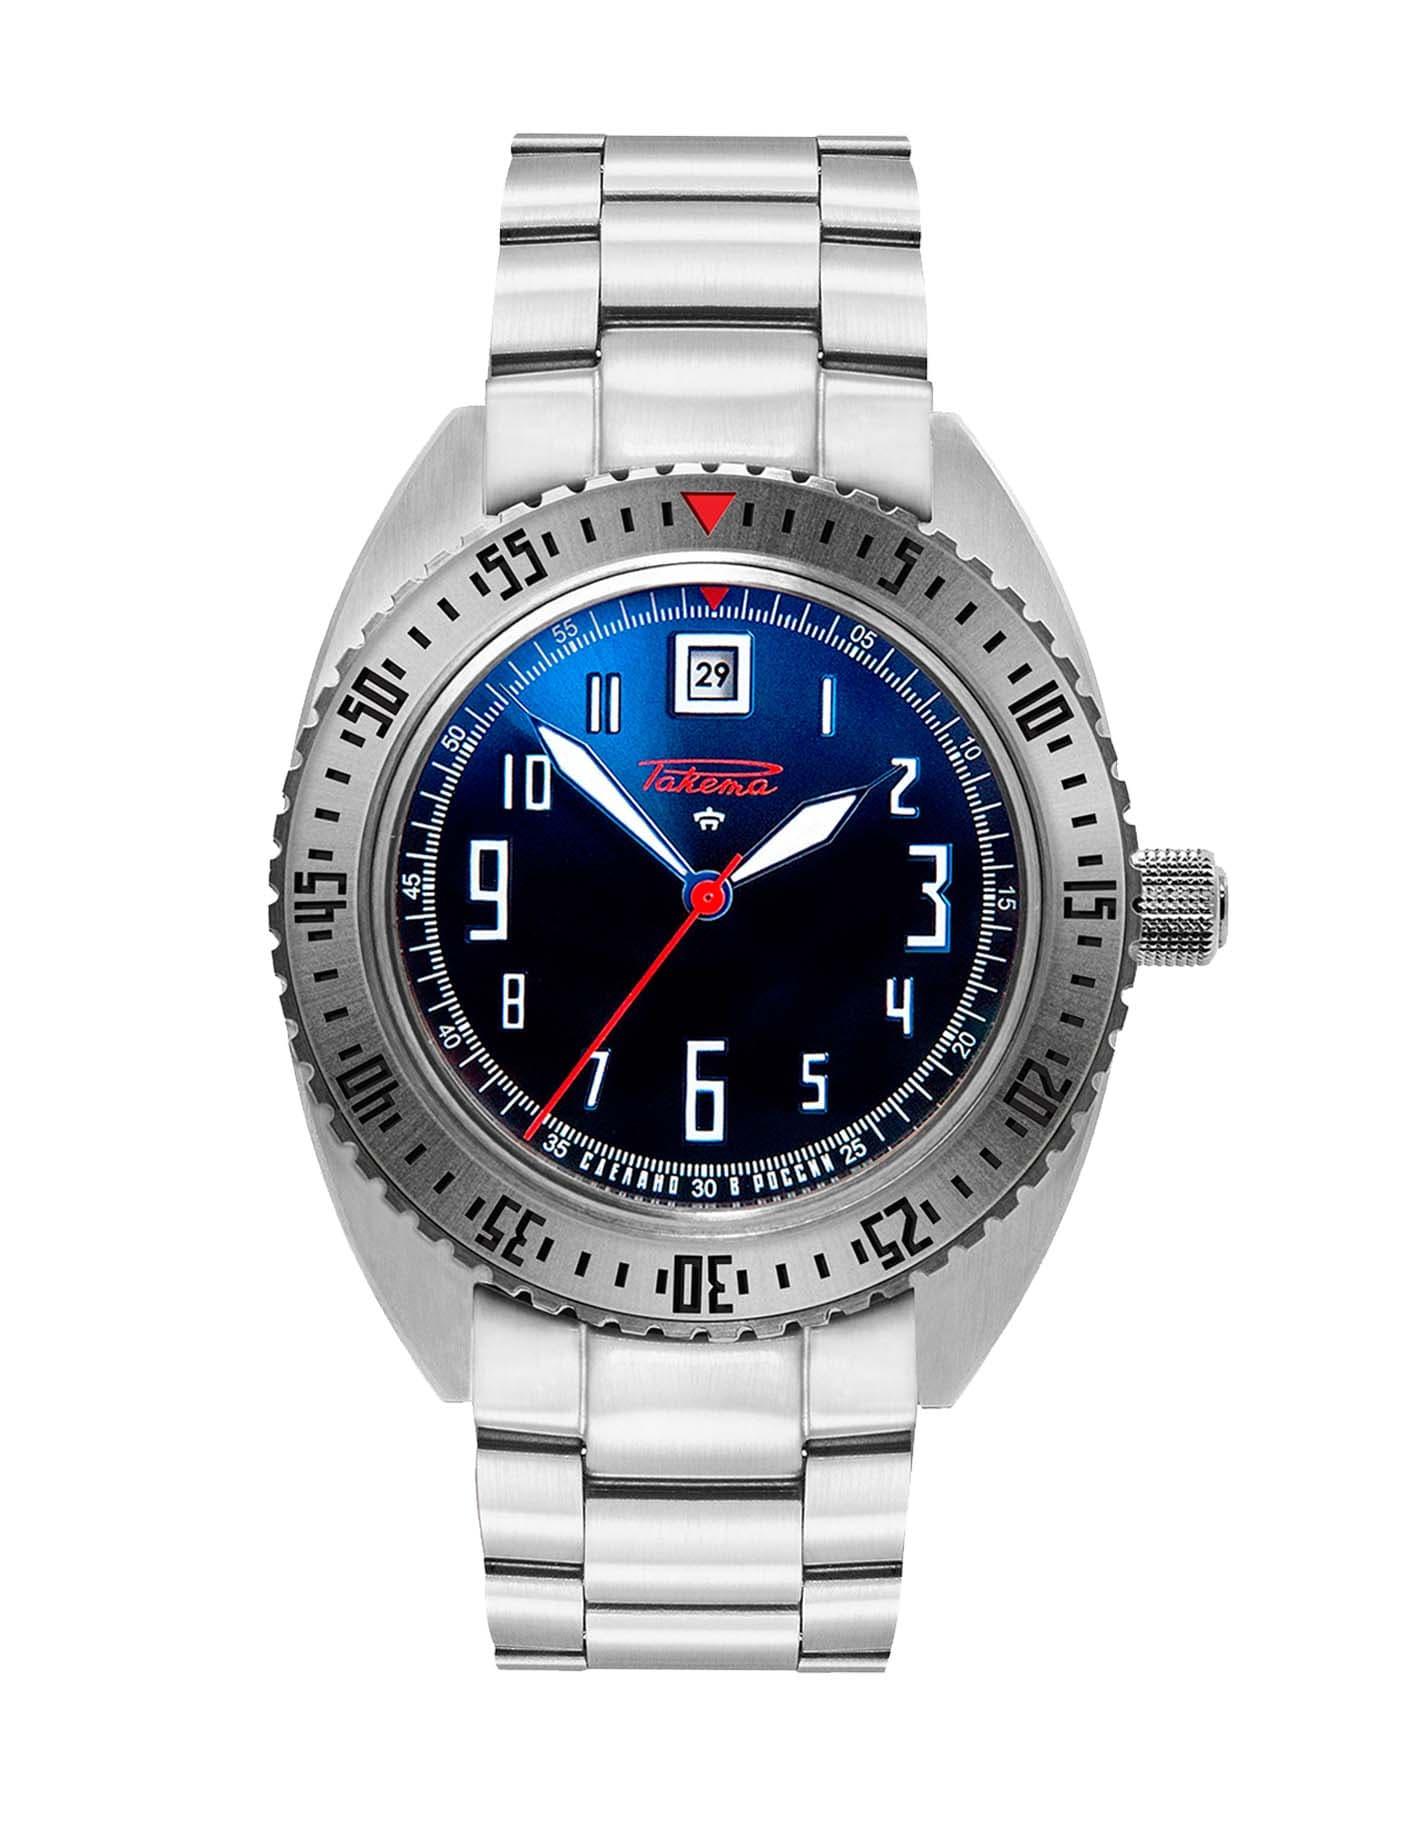 Raketa стоимость на часы ломбардов работника вакансии